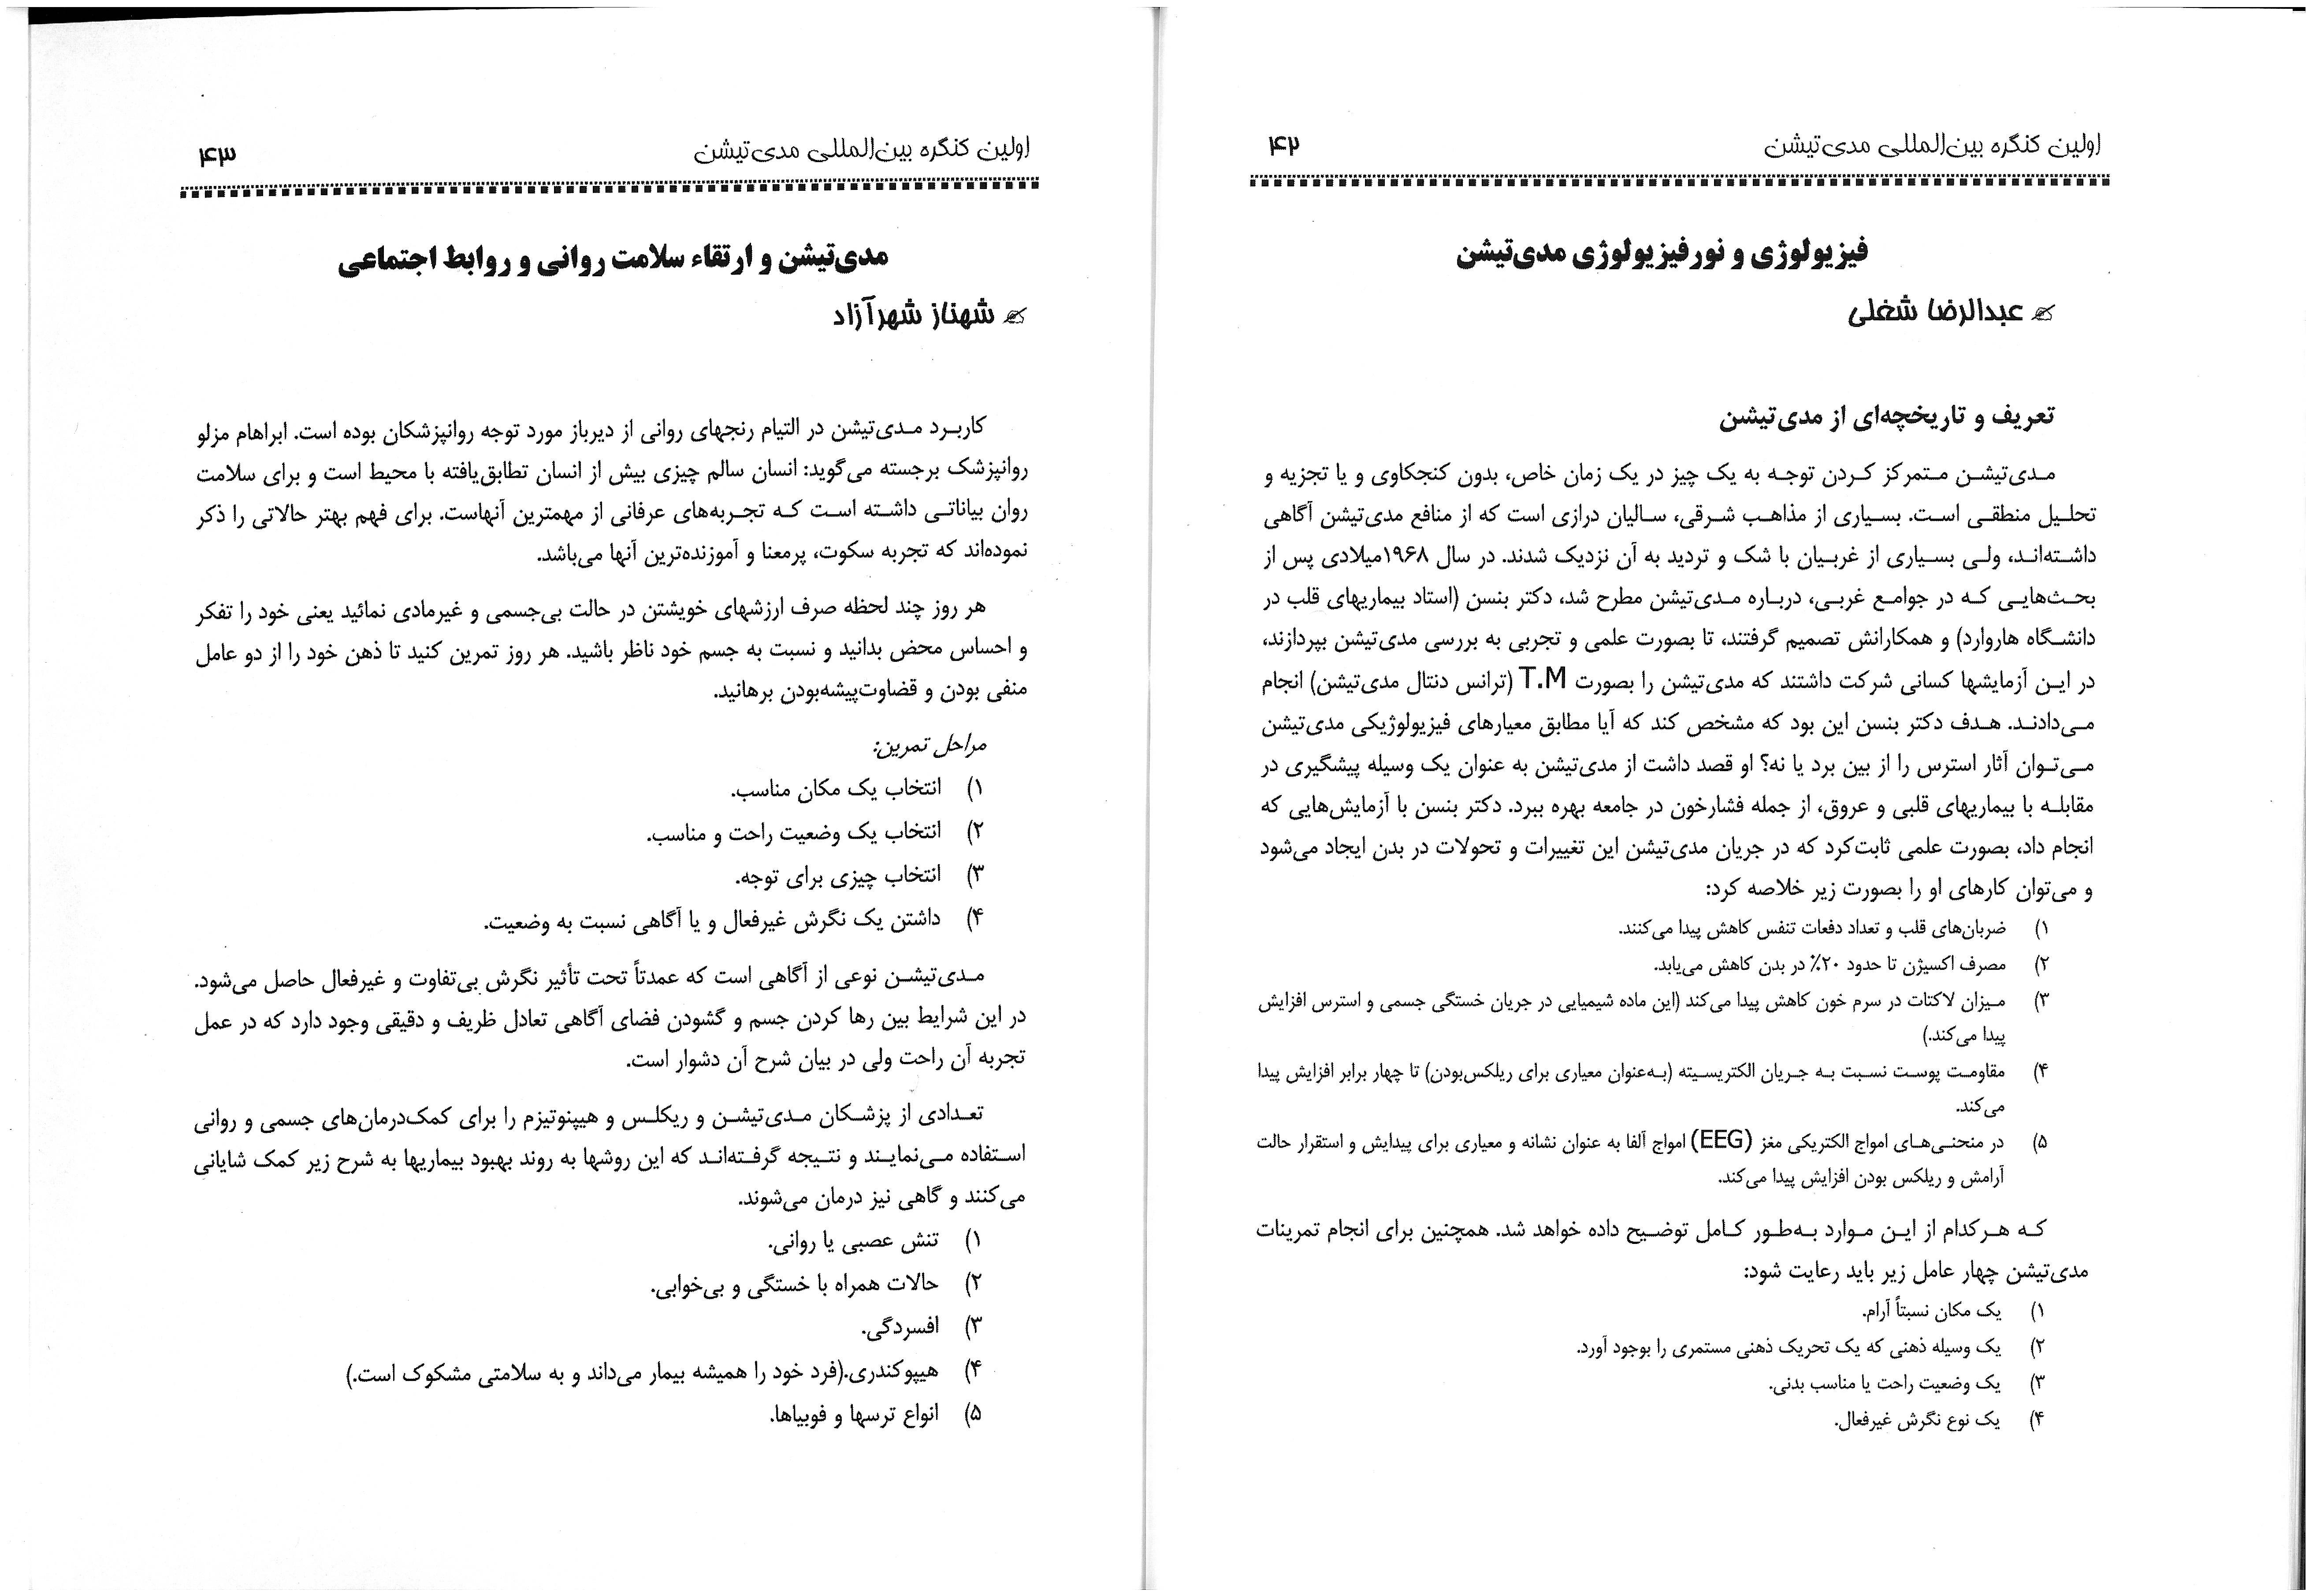 کانال تلگرام روزنامه همشهری تهران